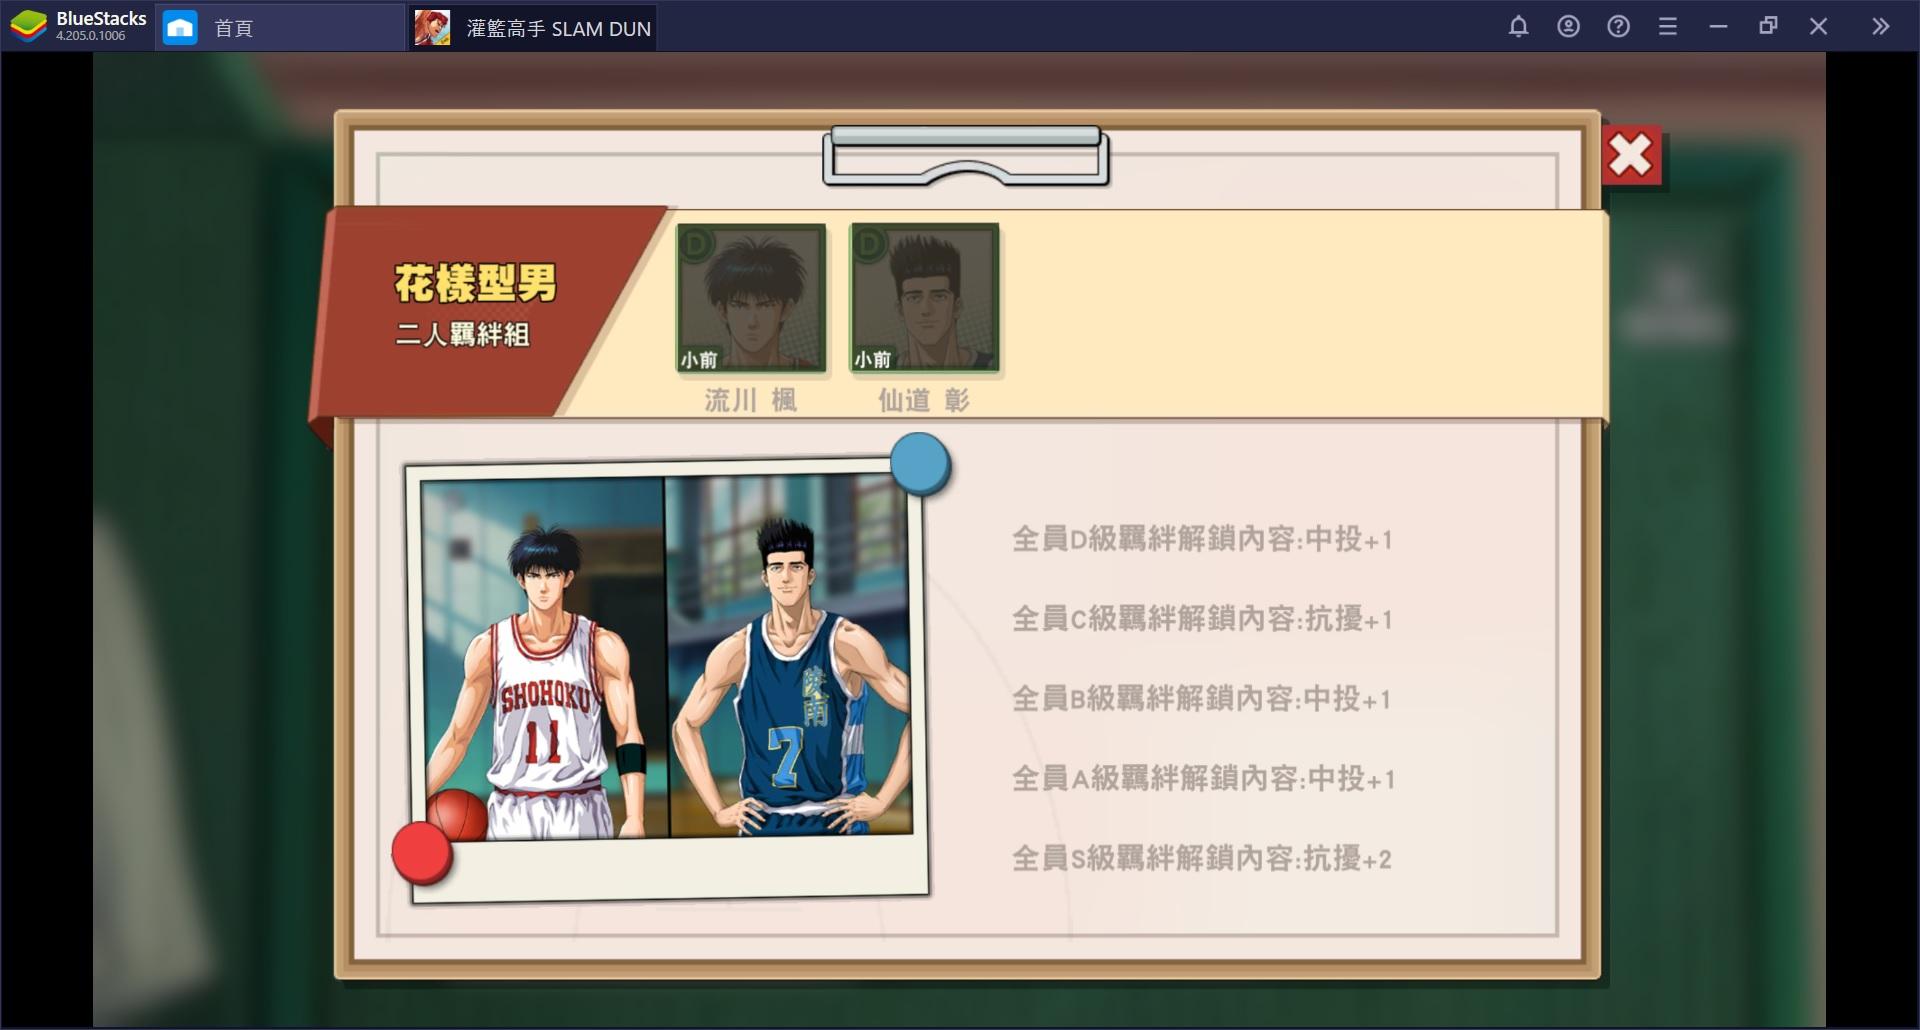 《灌籃高手SLAM DUNK》:五名核心球員之介紹